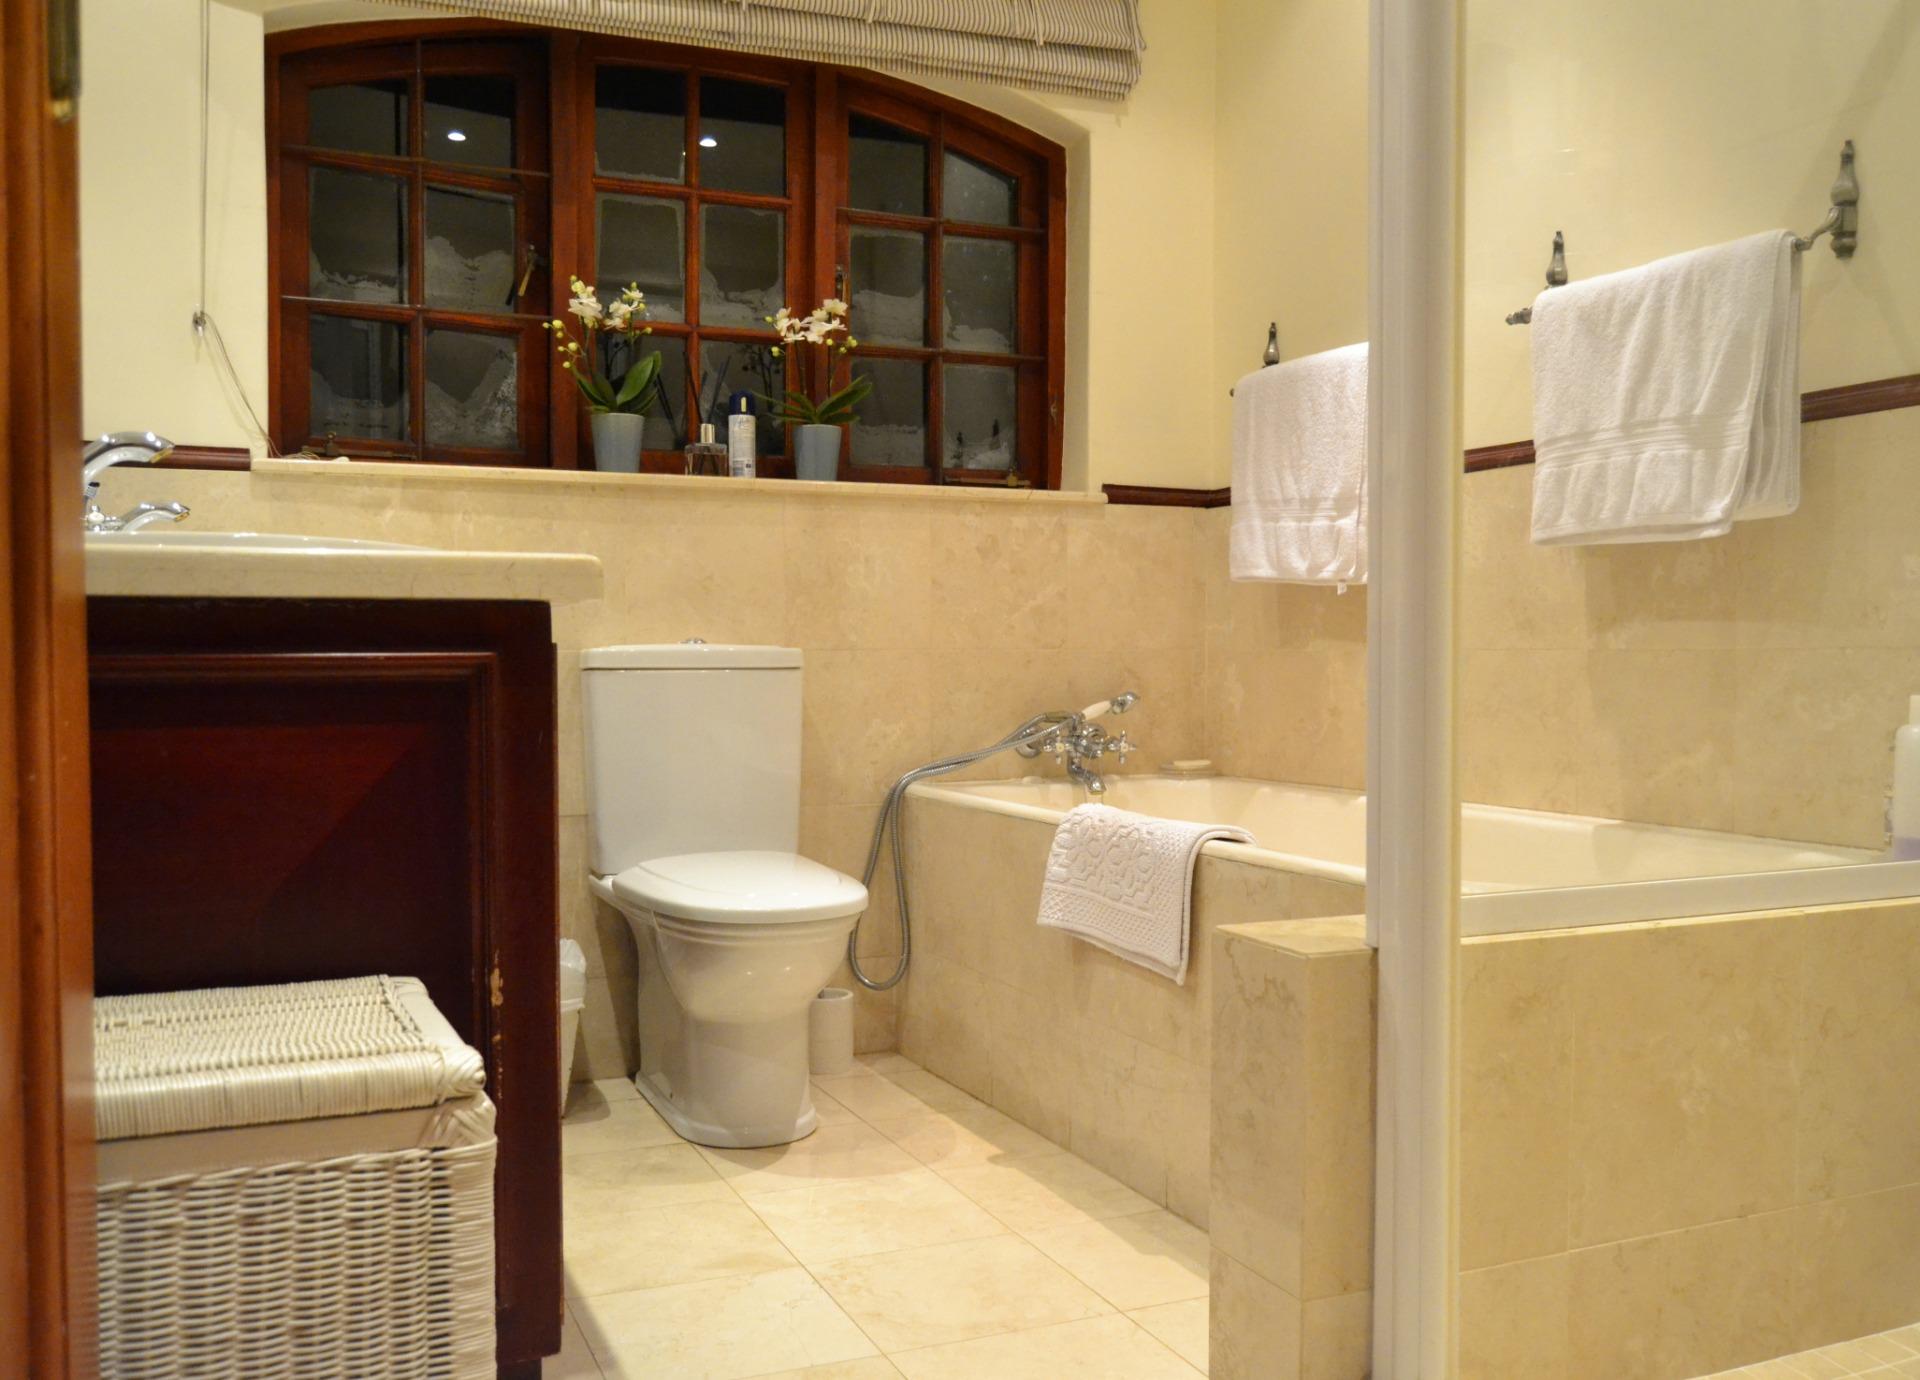 2nd bathroom.jpeg